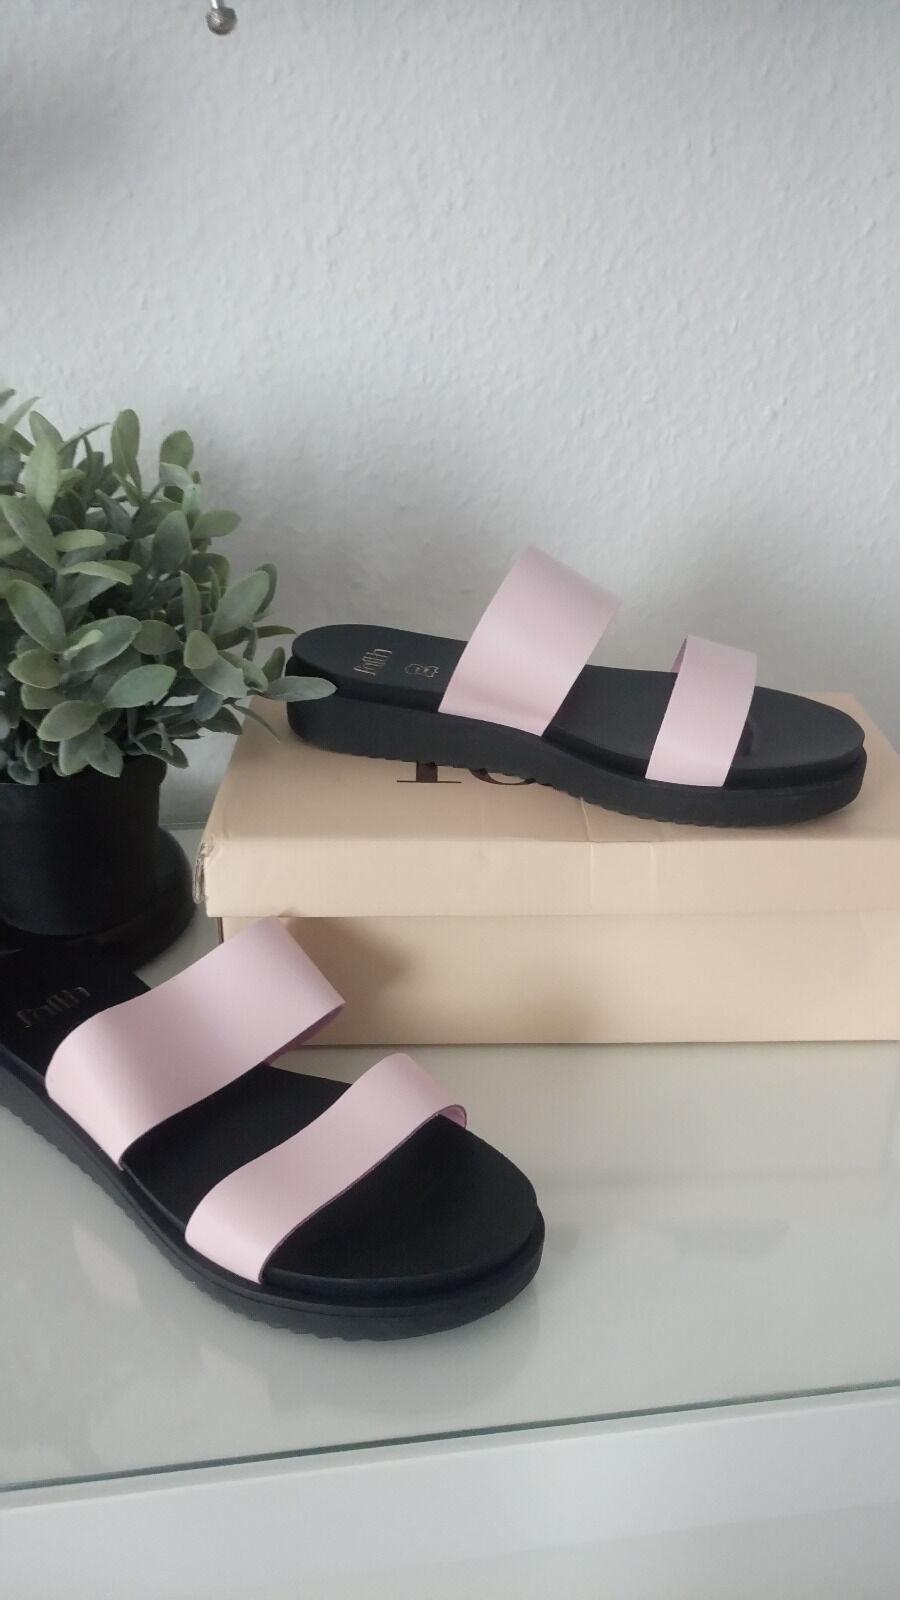 Sandale 39 Leder ASOS FAITH Jelly Slider Echtleder blogger boho bohemian